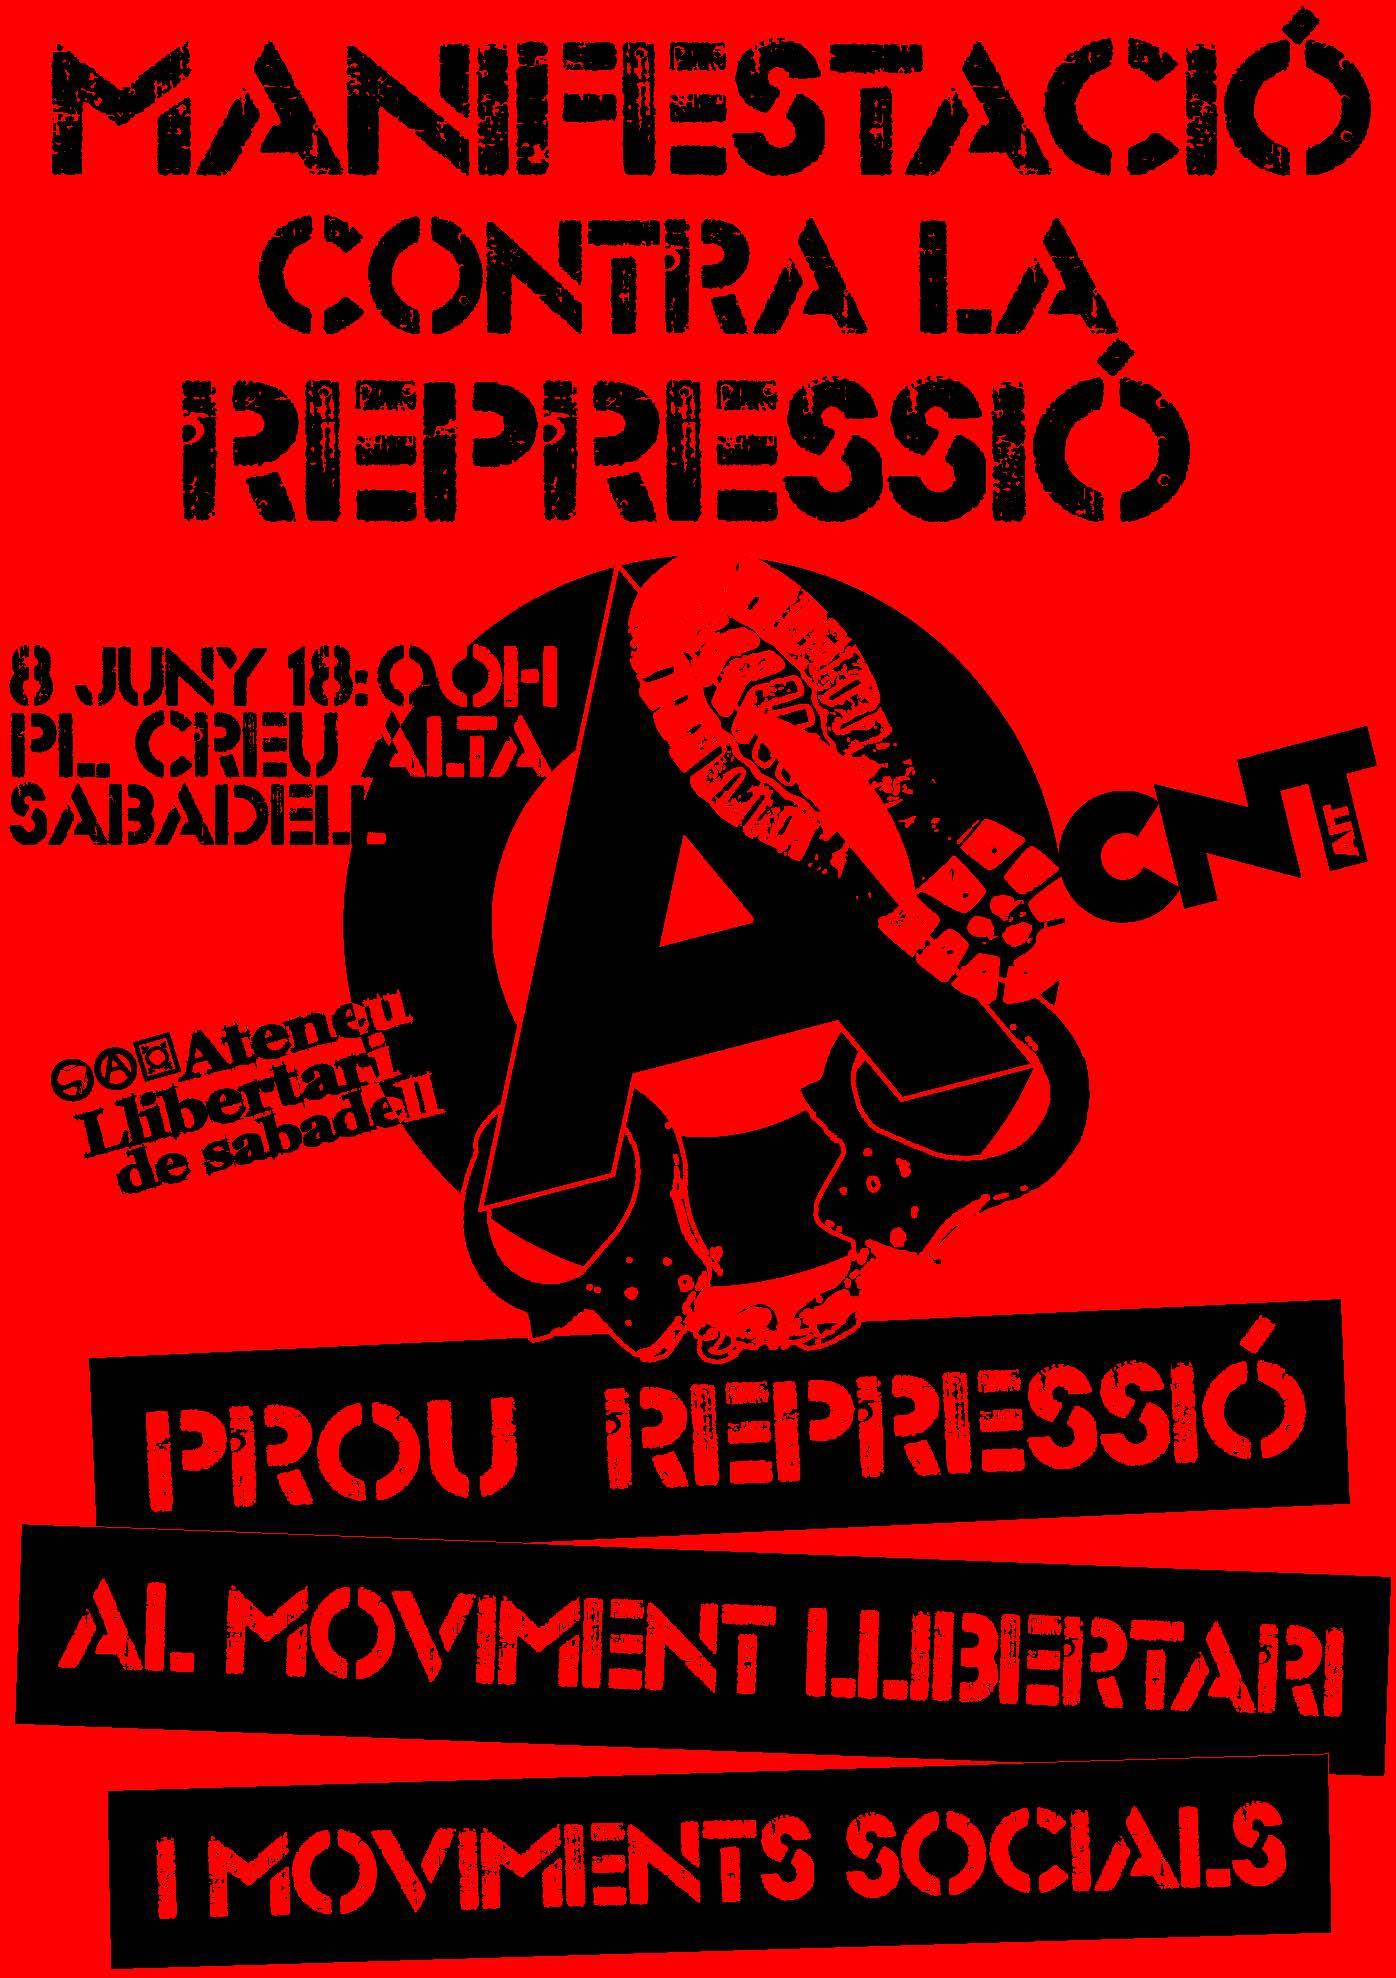 [Dissabte 8 de juny 18h Pl.Creu Alta] Manifestació contra la repressió al moviment llibertari i als moviments socials